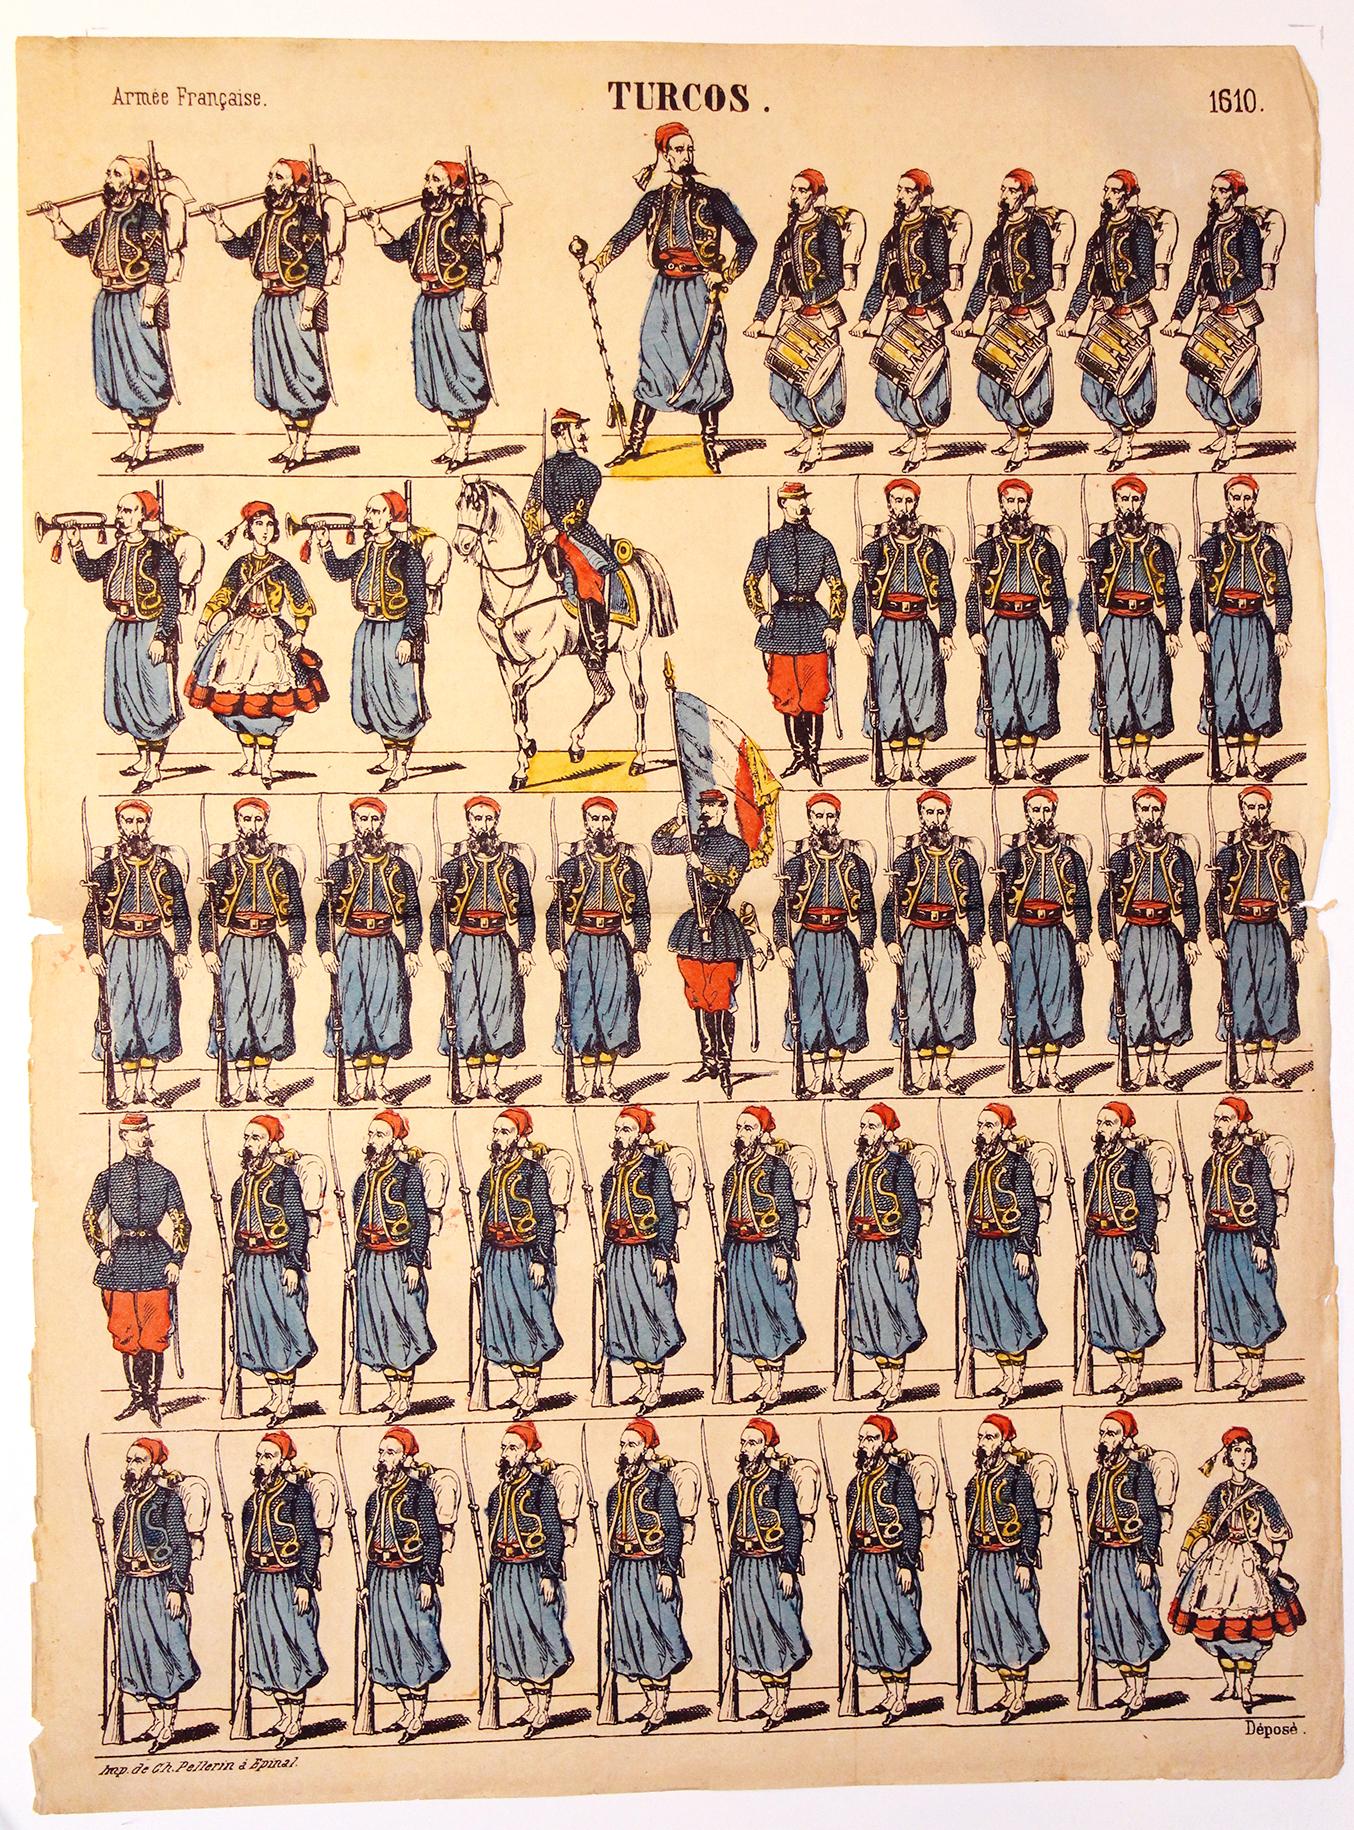 Planche imagerie Epinal - Pellerin Editeur - N°1610 - Turcos - Armée Française